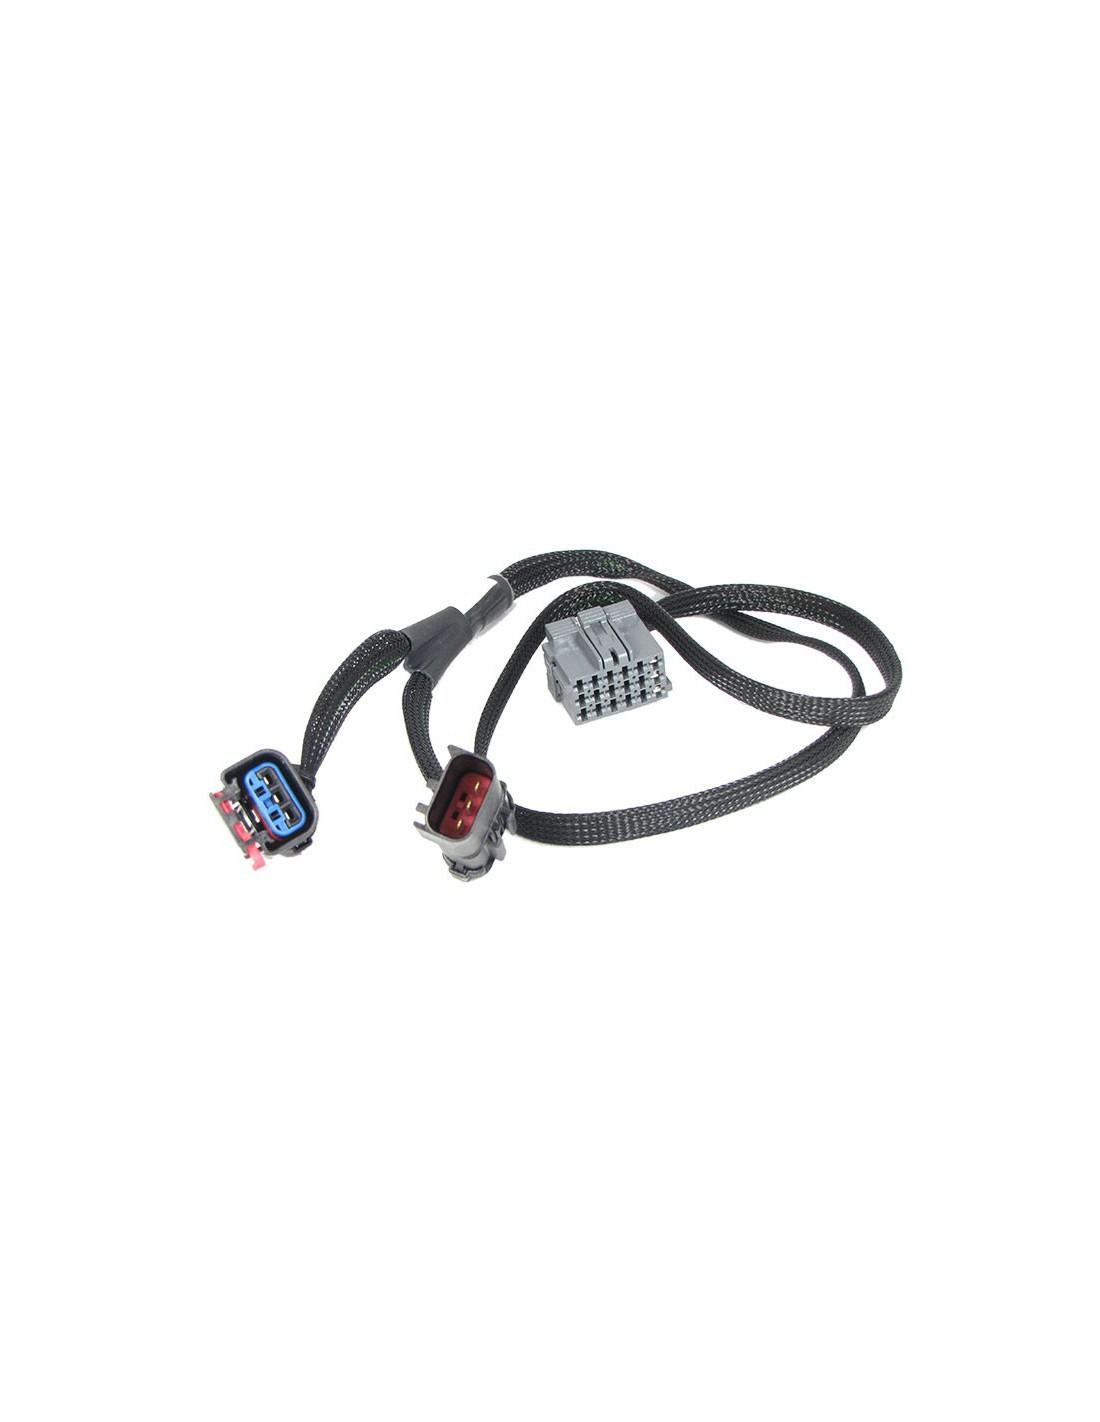 Y-cable 3-0029